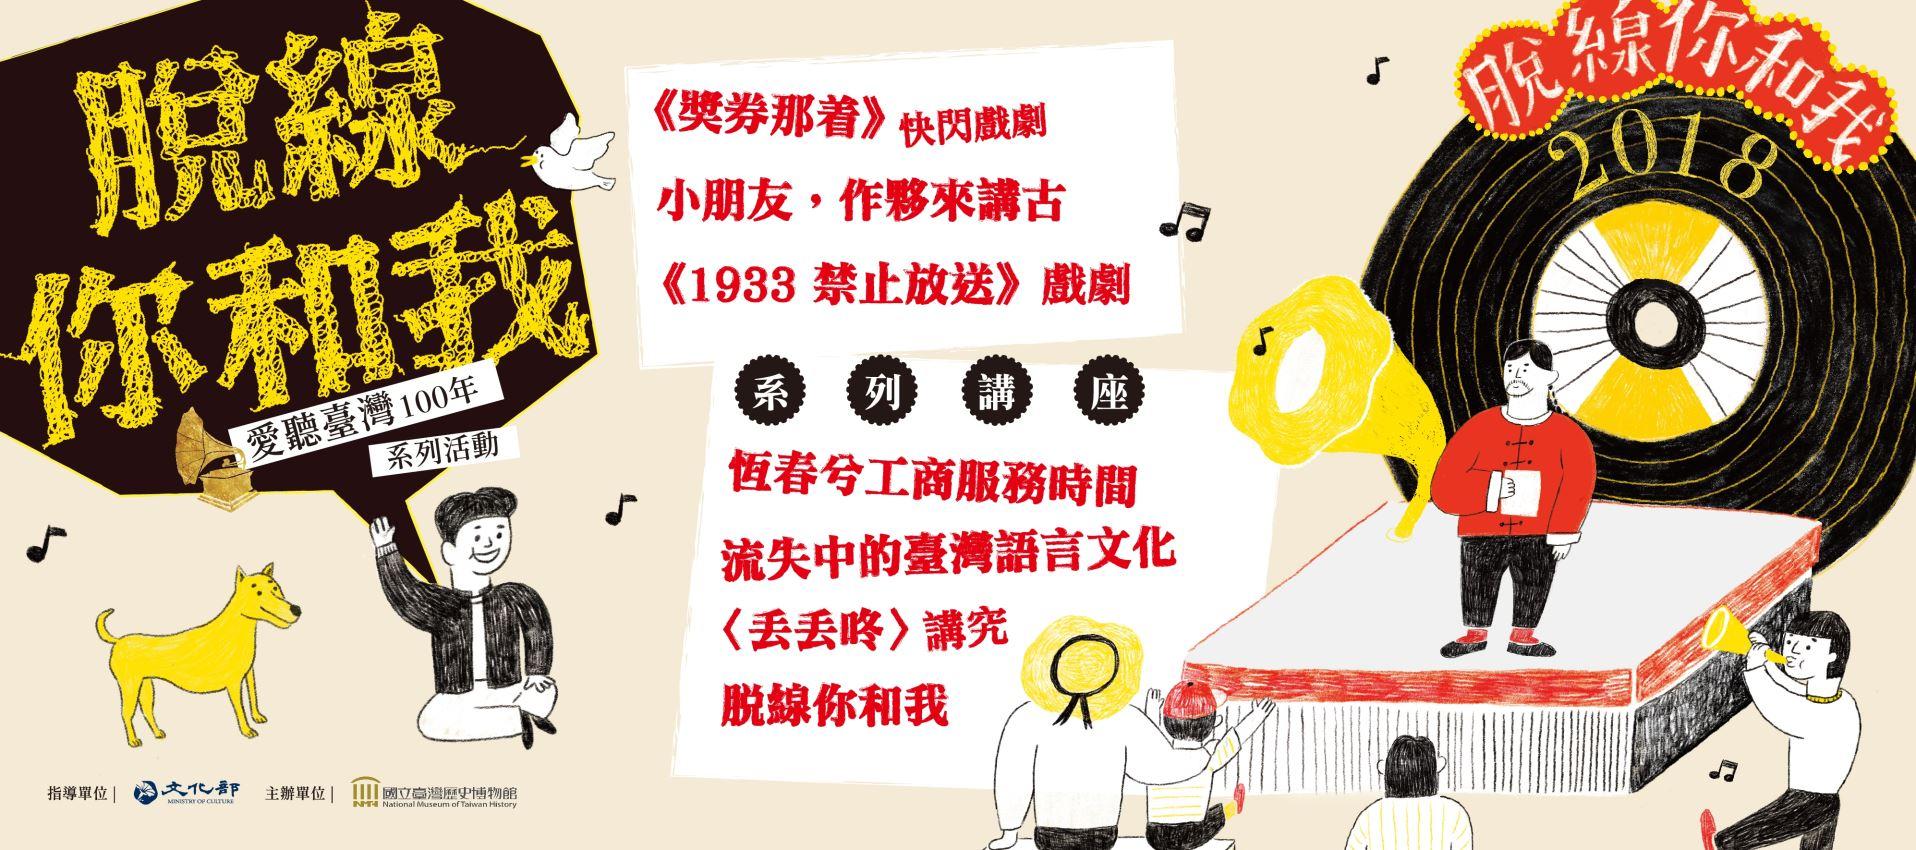 愛聽臺灣100年「脫線你和我」系列活動